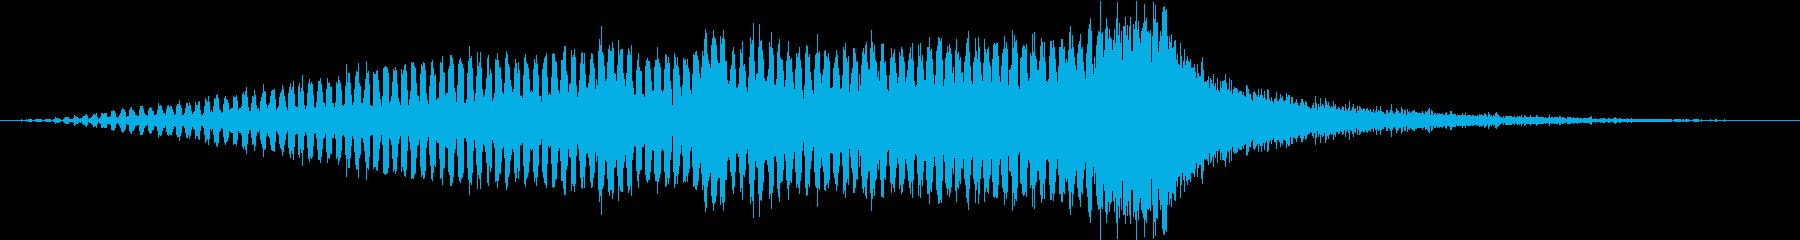 【映画シーン】 ライザー_05の再生済みの波形